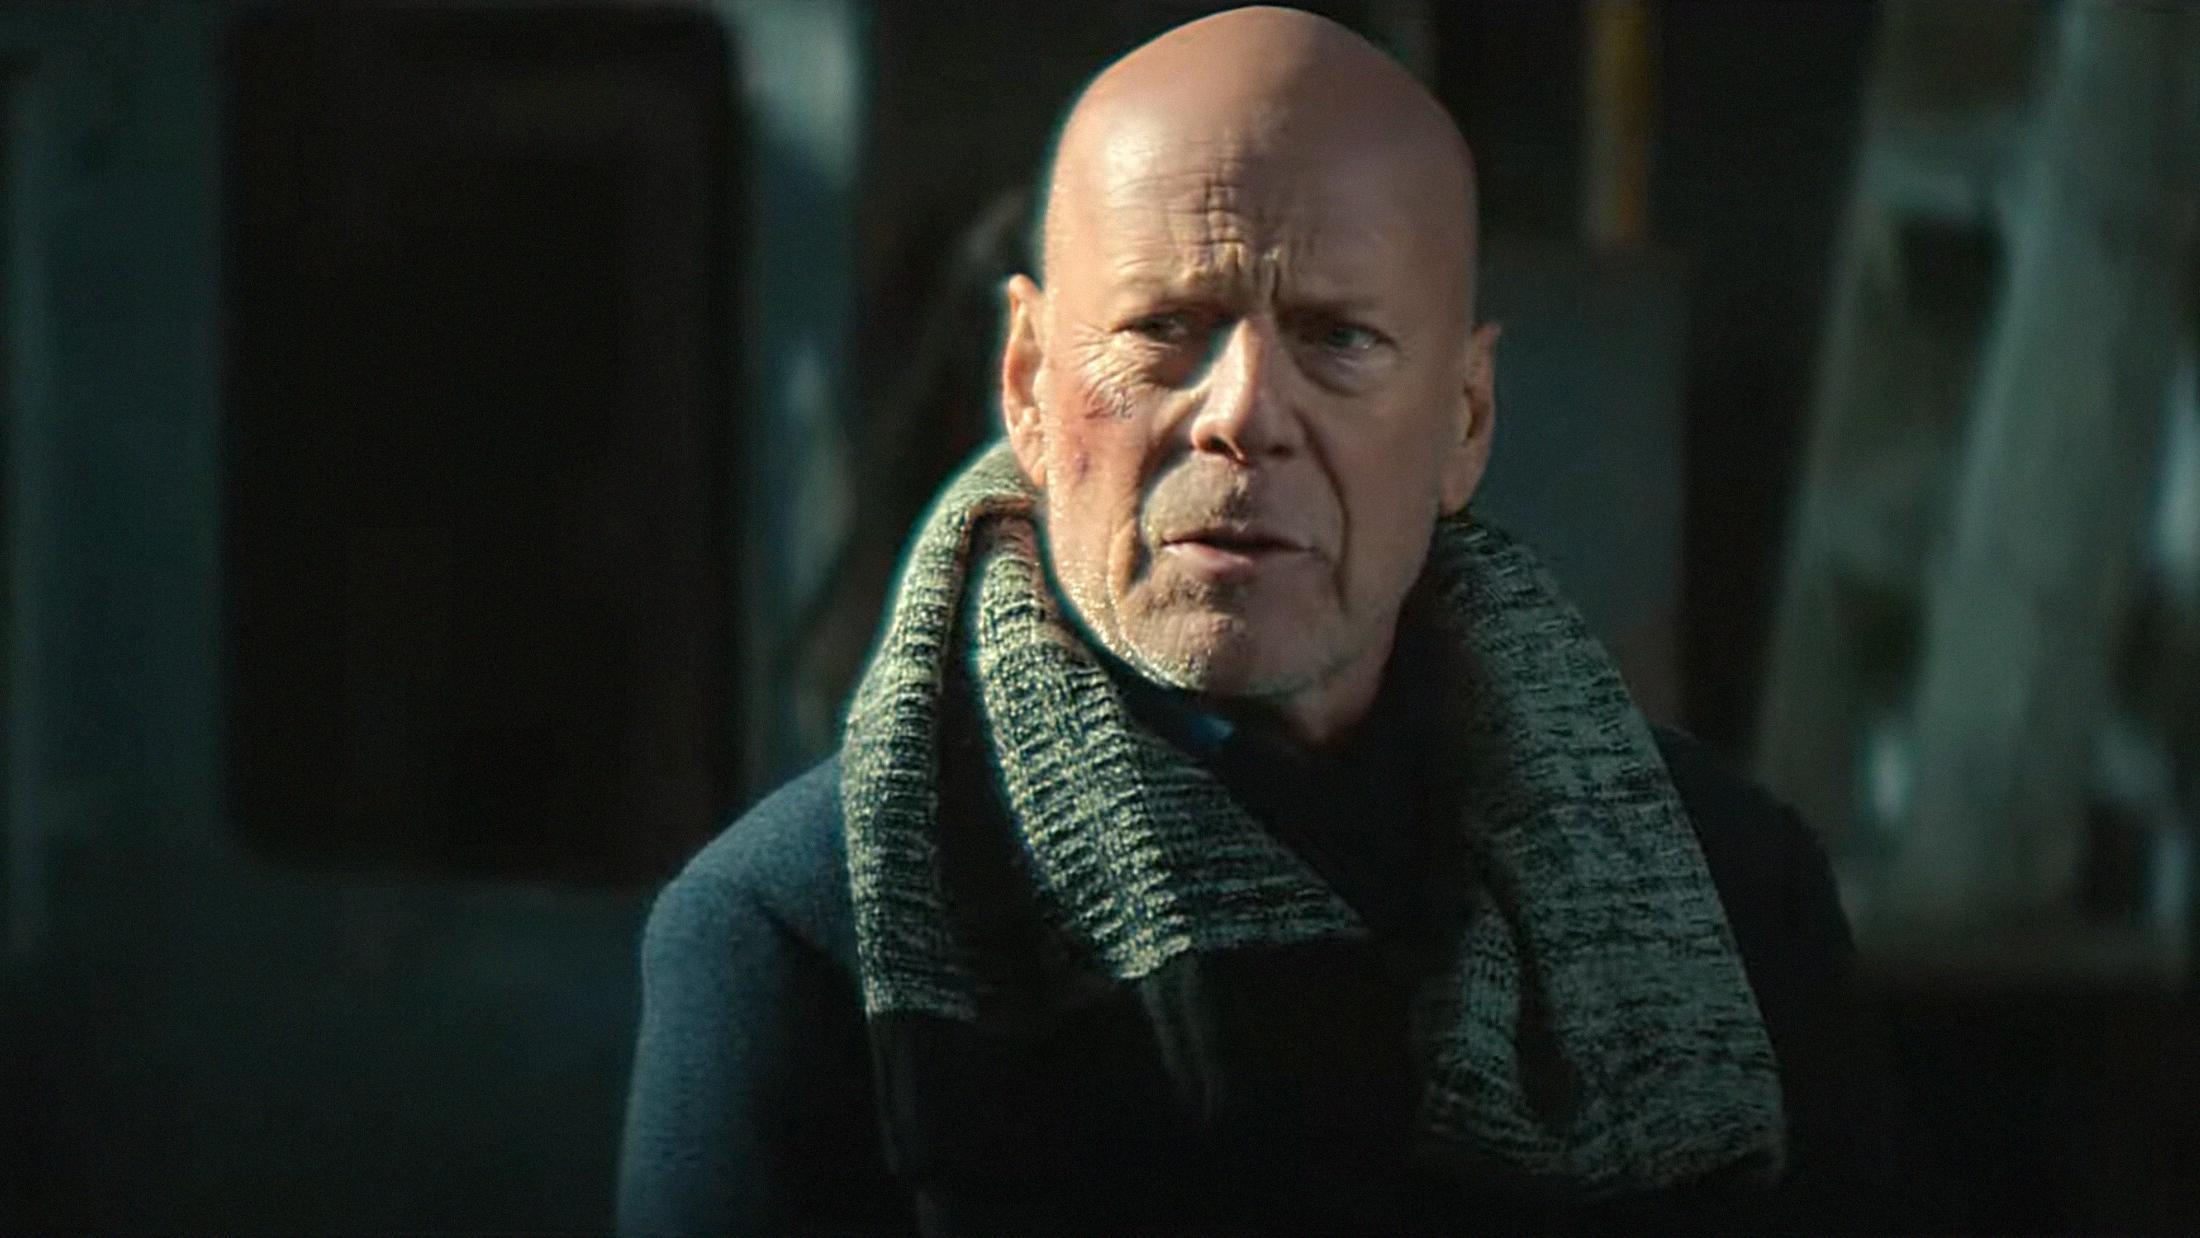 Bruce Willis geht ohne Maske einkaufen - wie er sich jetzt rechtfertigt